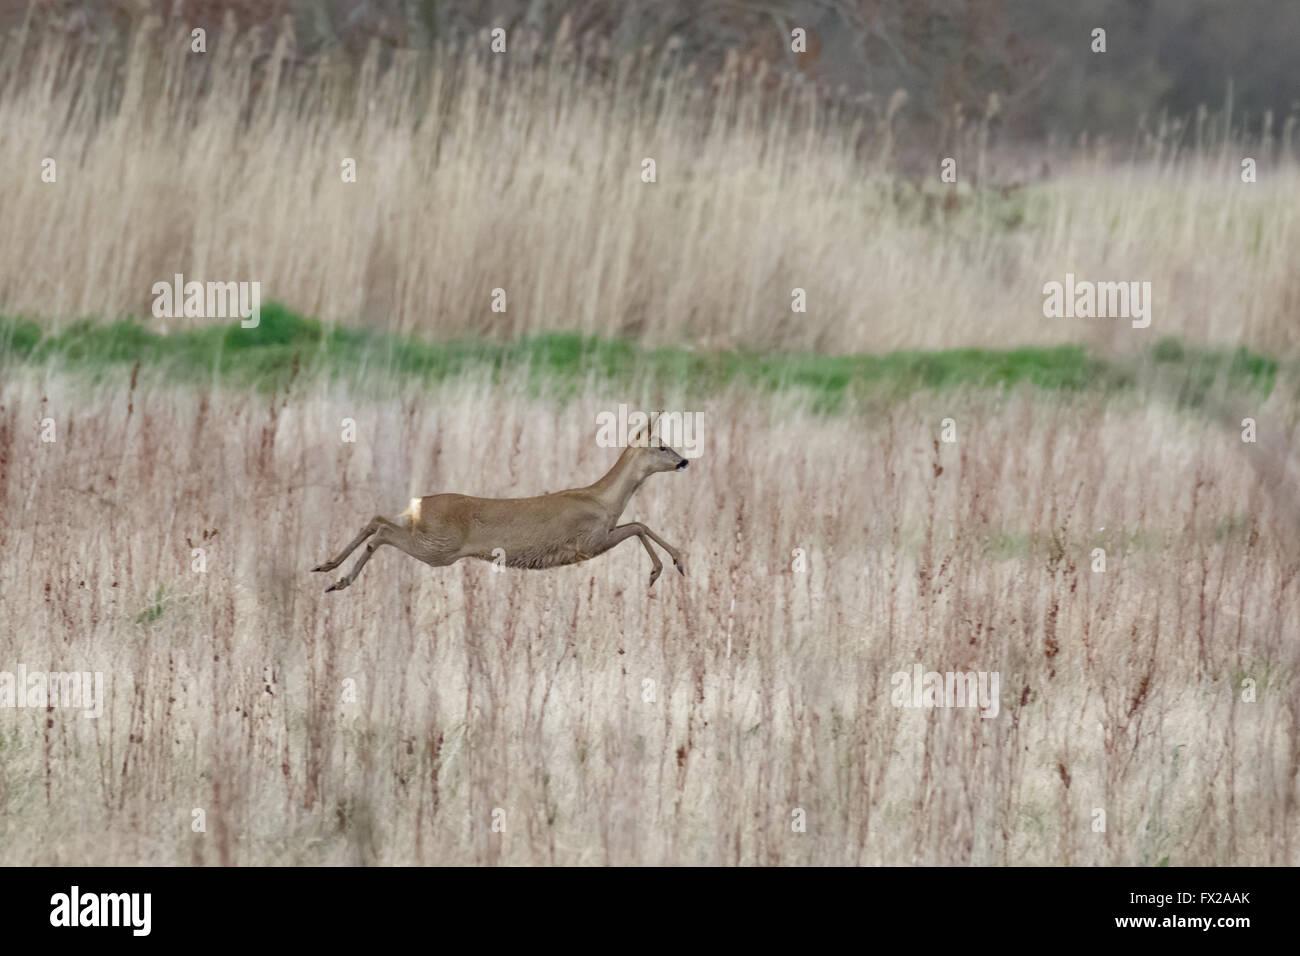 European roe deer hind (Capreolus capreolus) bounding across a meadow. - Stock Image